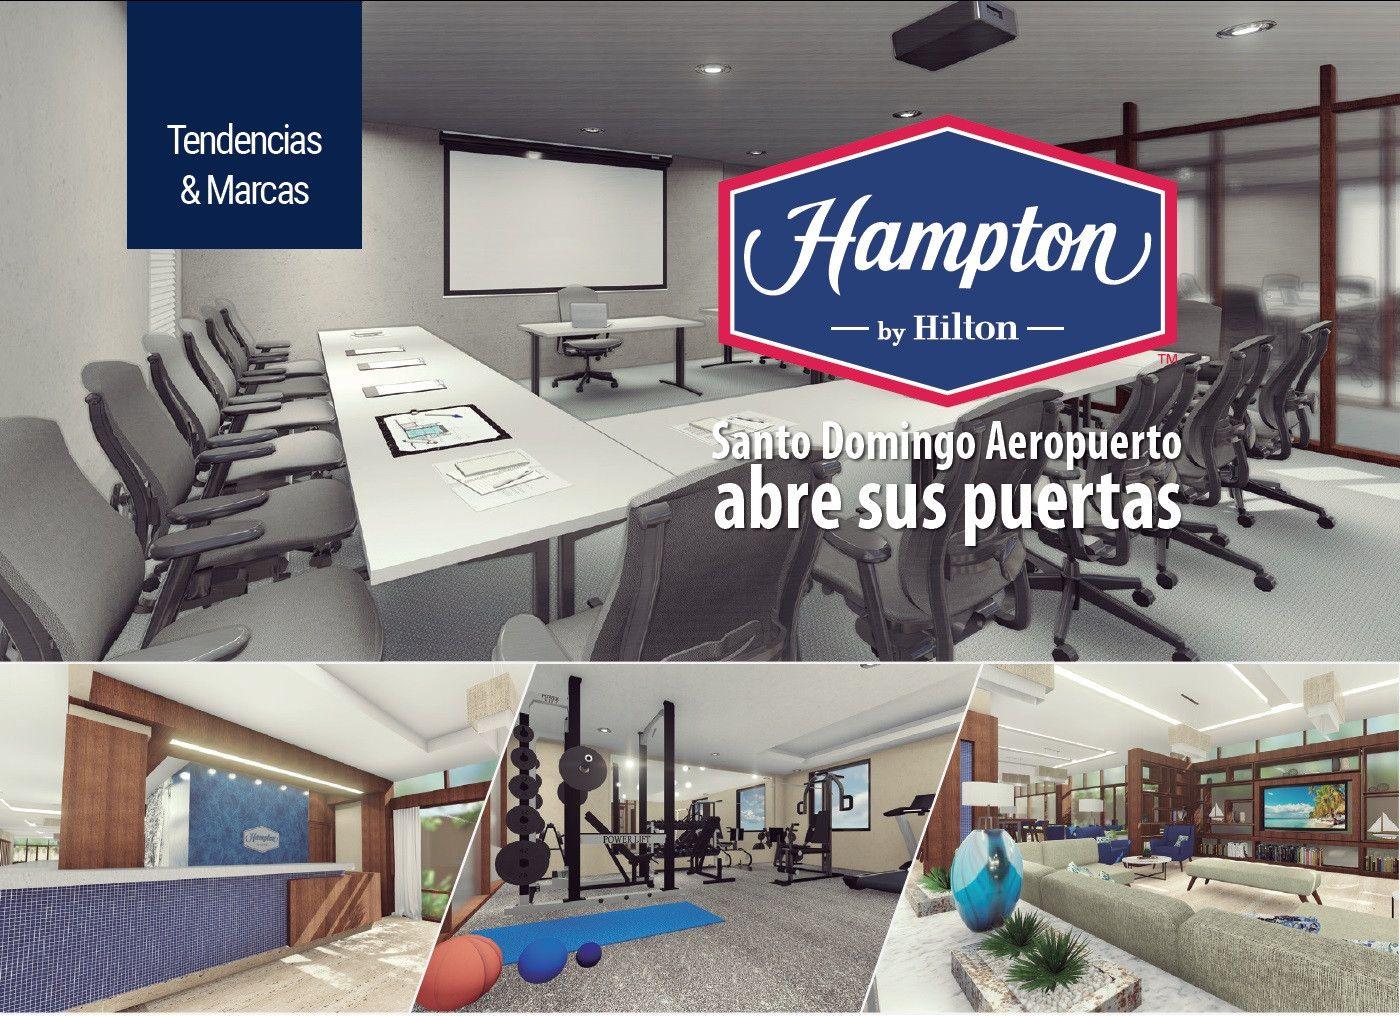 Hampton by Hilton Santo Domingo Aeropuerto, abre sus puertas